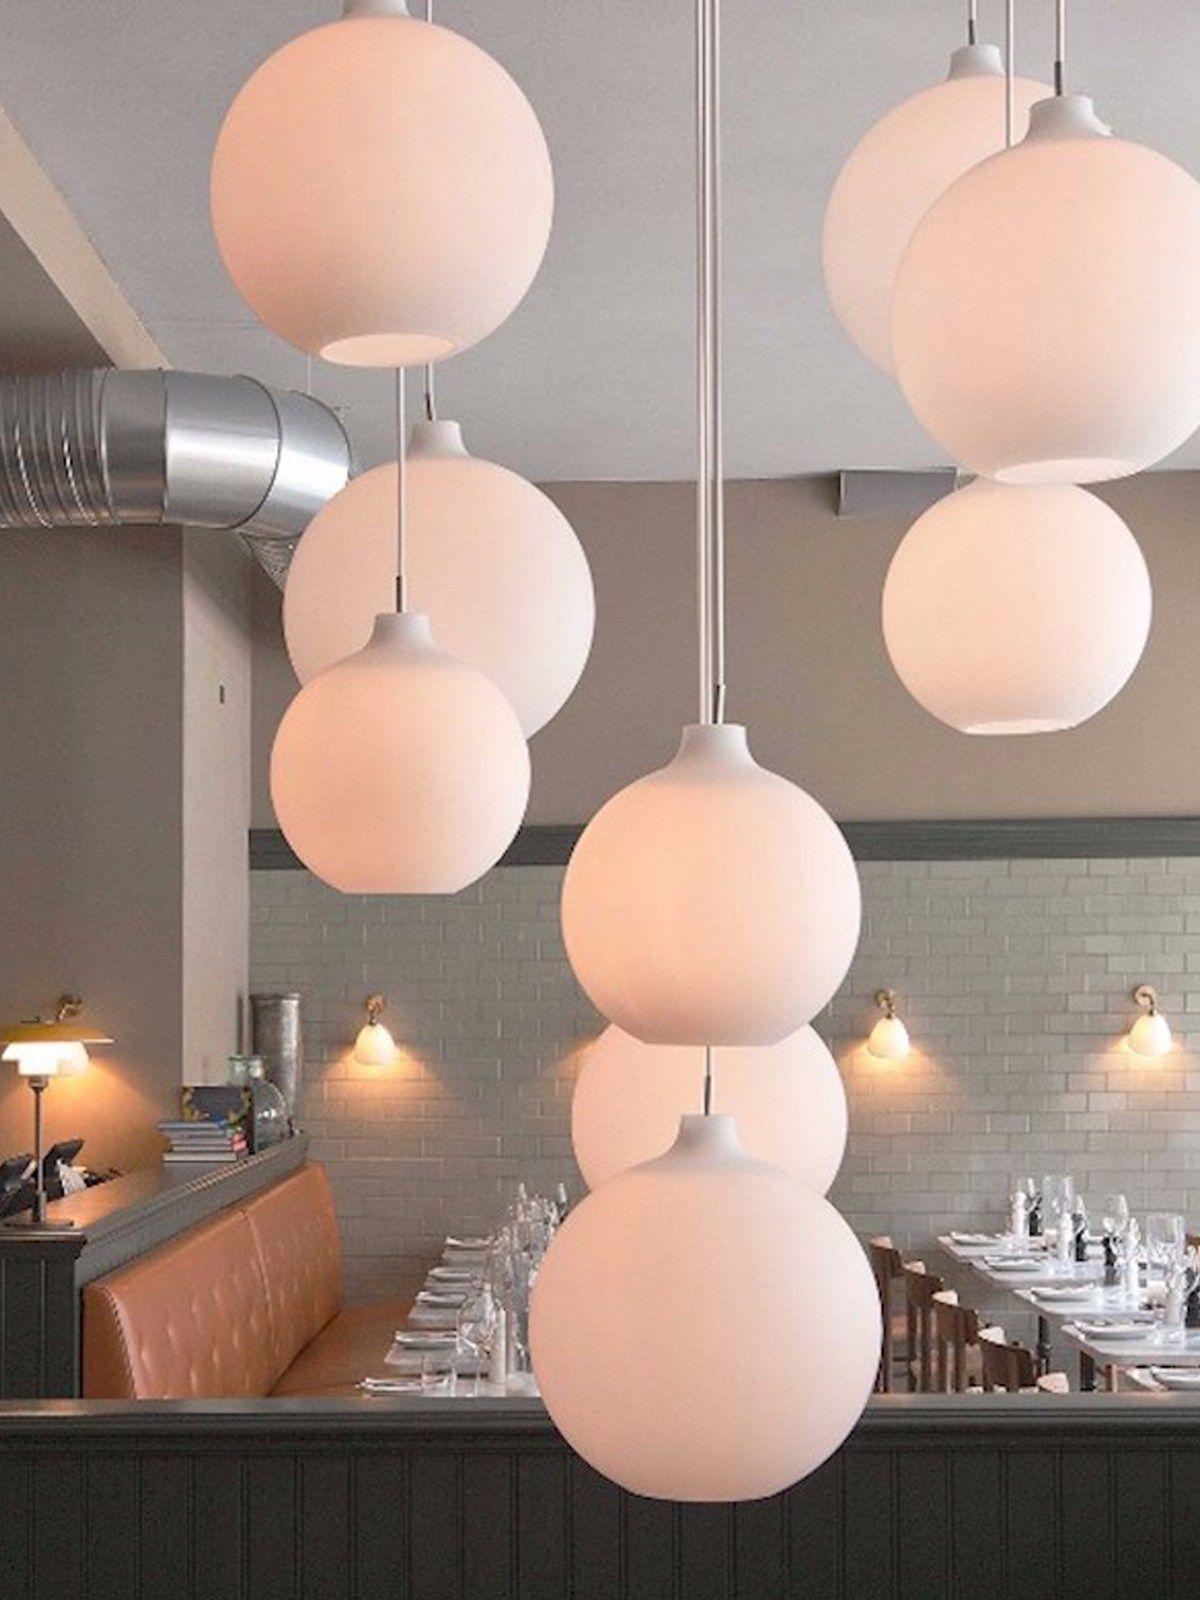 Designort Lampen Leuchten Designerleuchten Berlin Design Lampen Und Leuchten Beleuchtung Decke Lampen